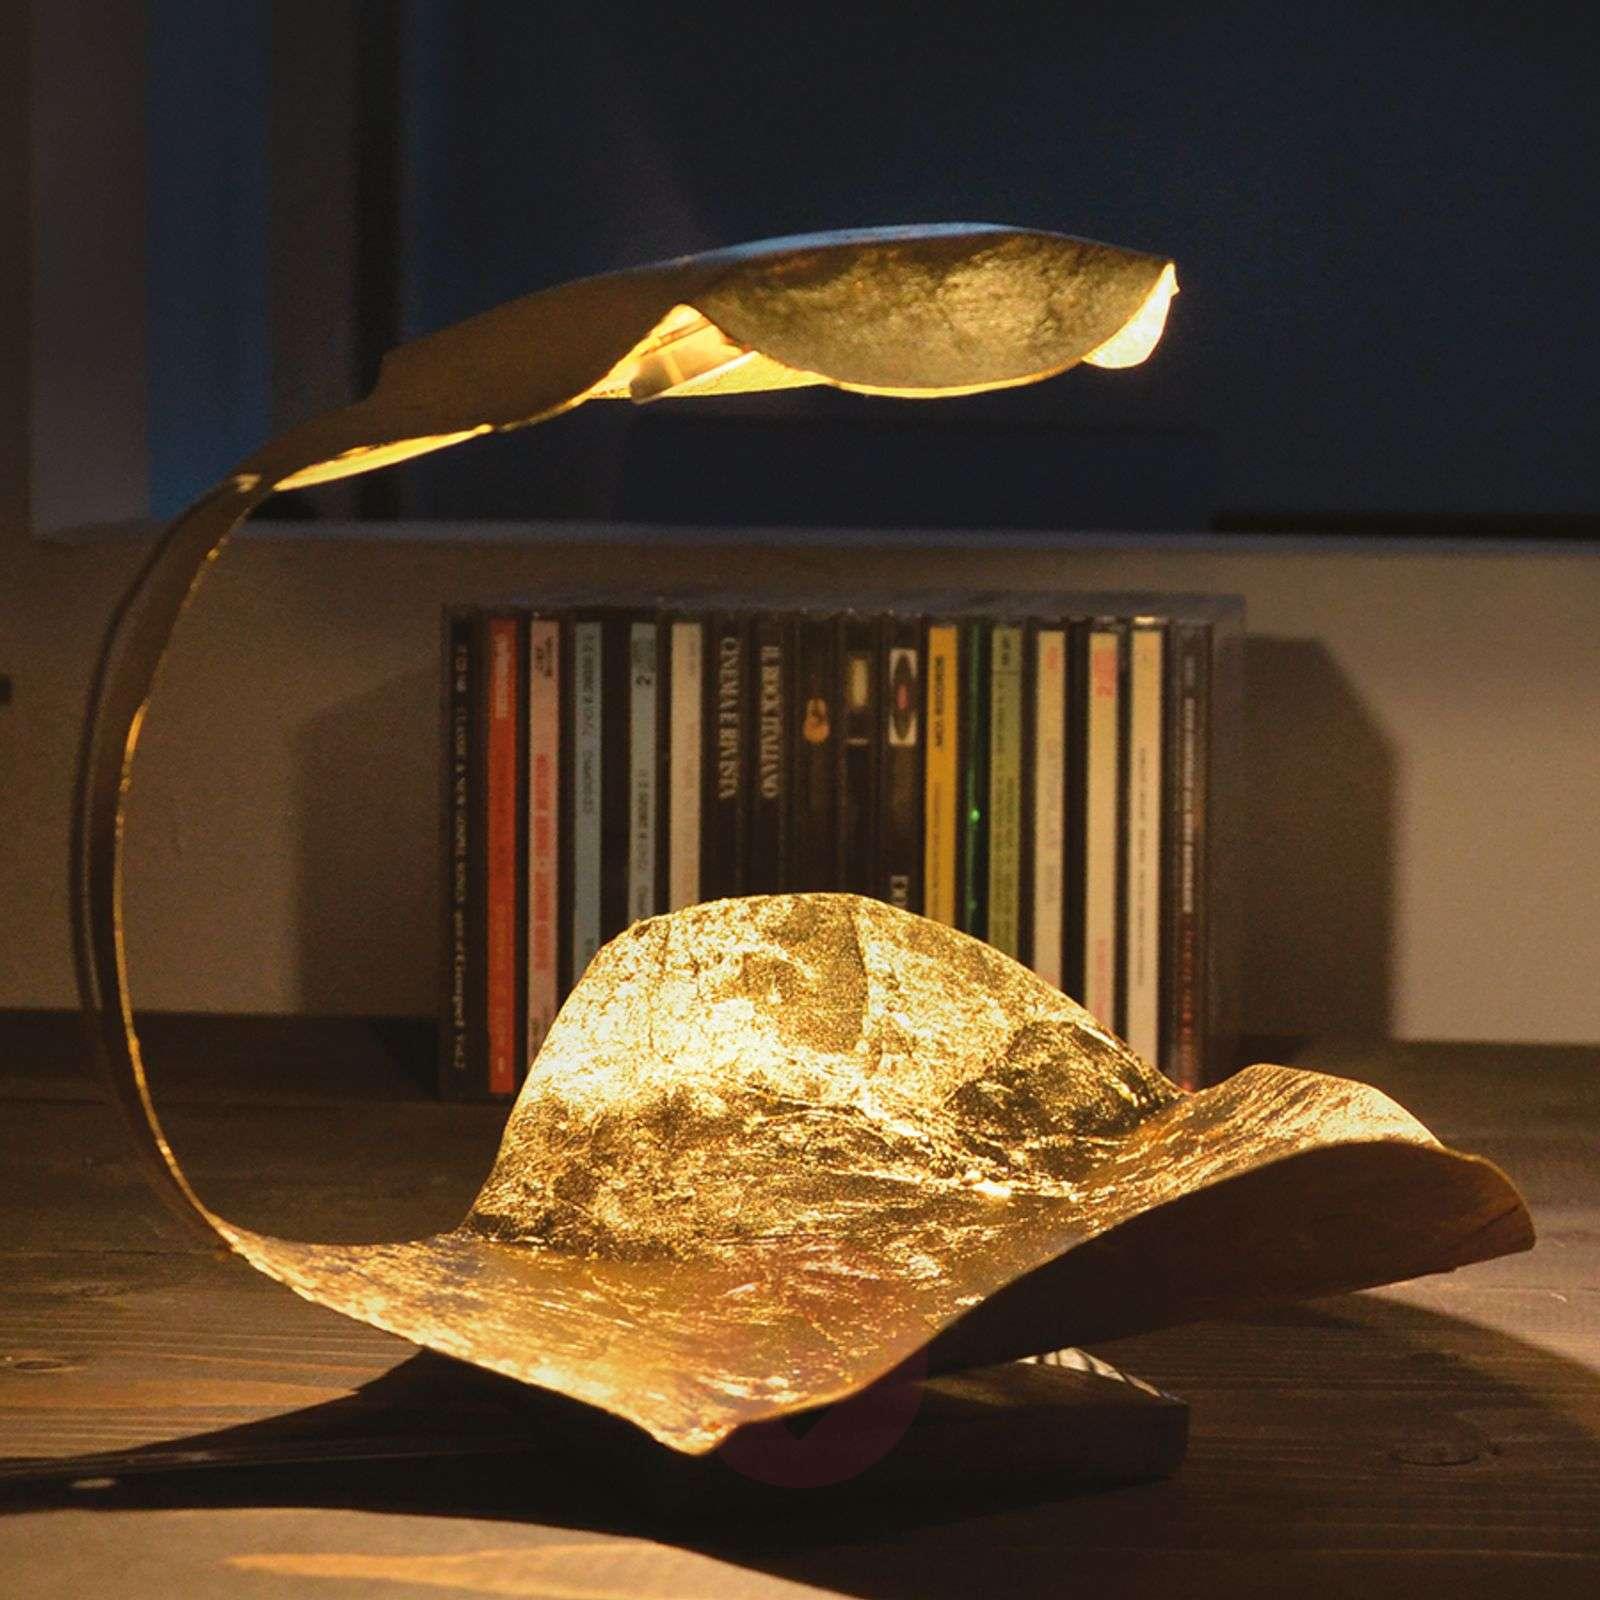 Knikerboker Gi Gi designer LED table lamp-5538053-01